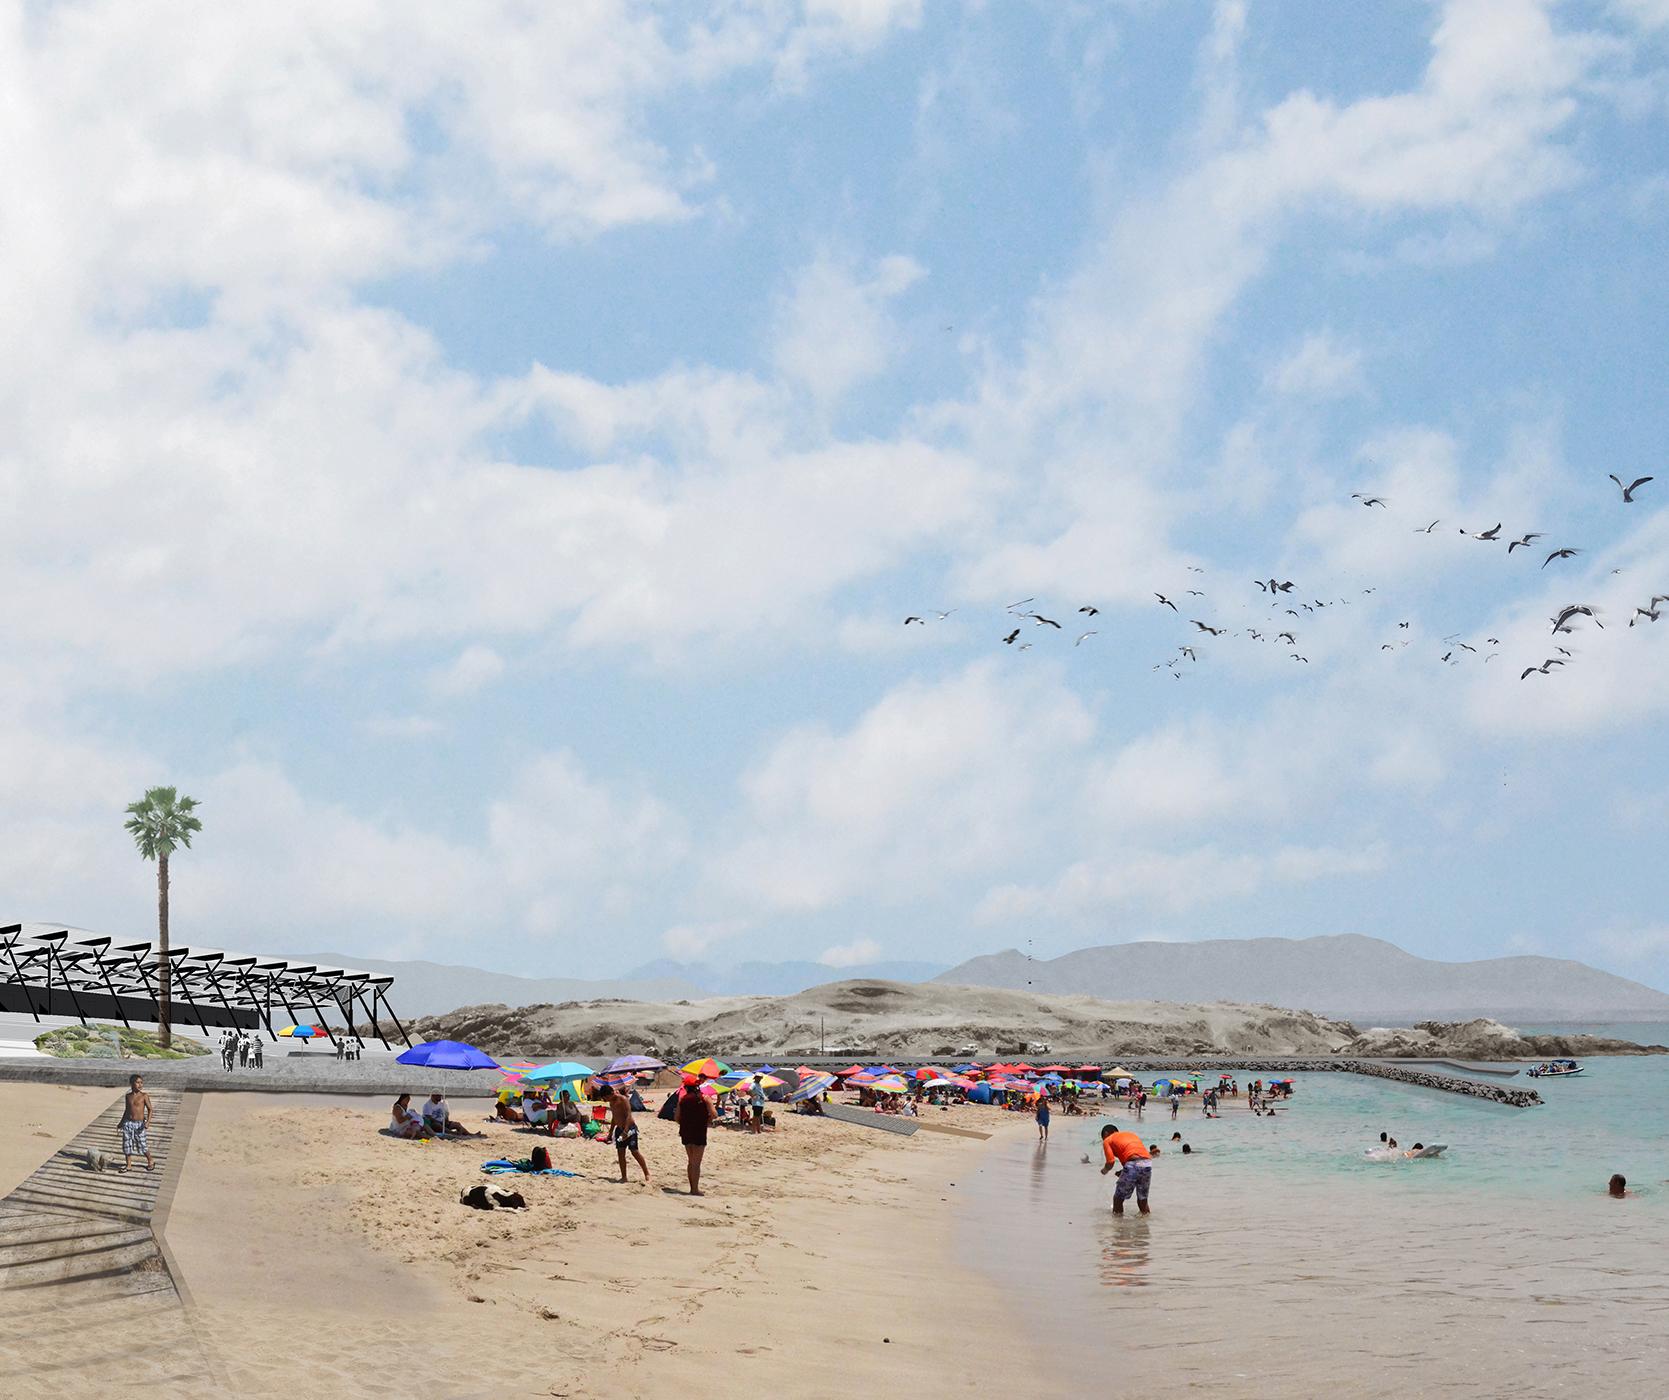 000PMBC_03 Playa La Chimba.jpg